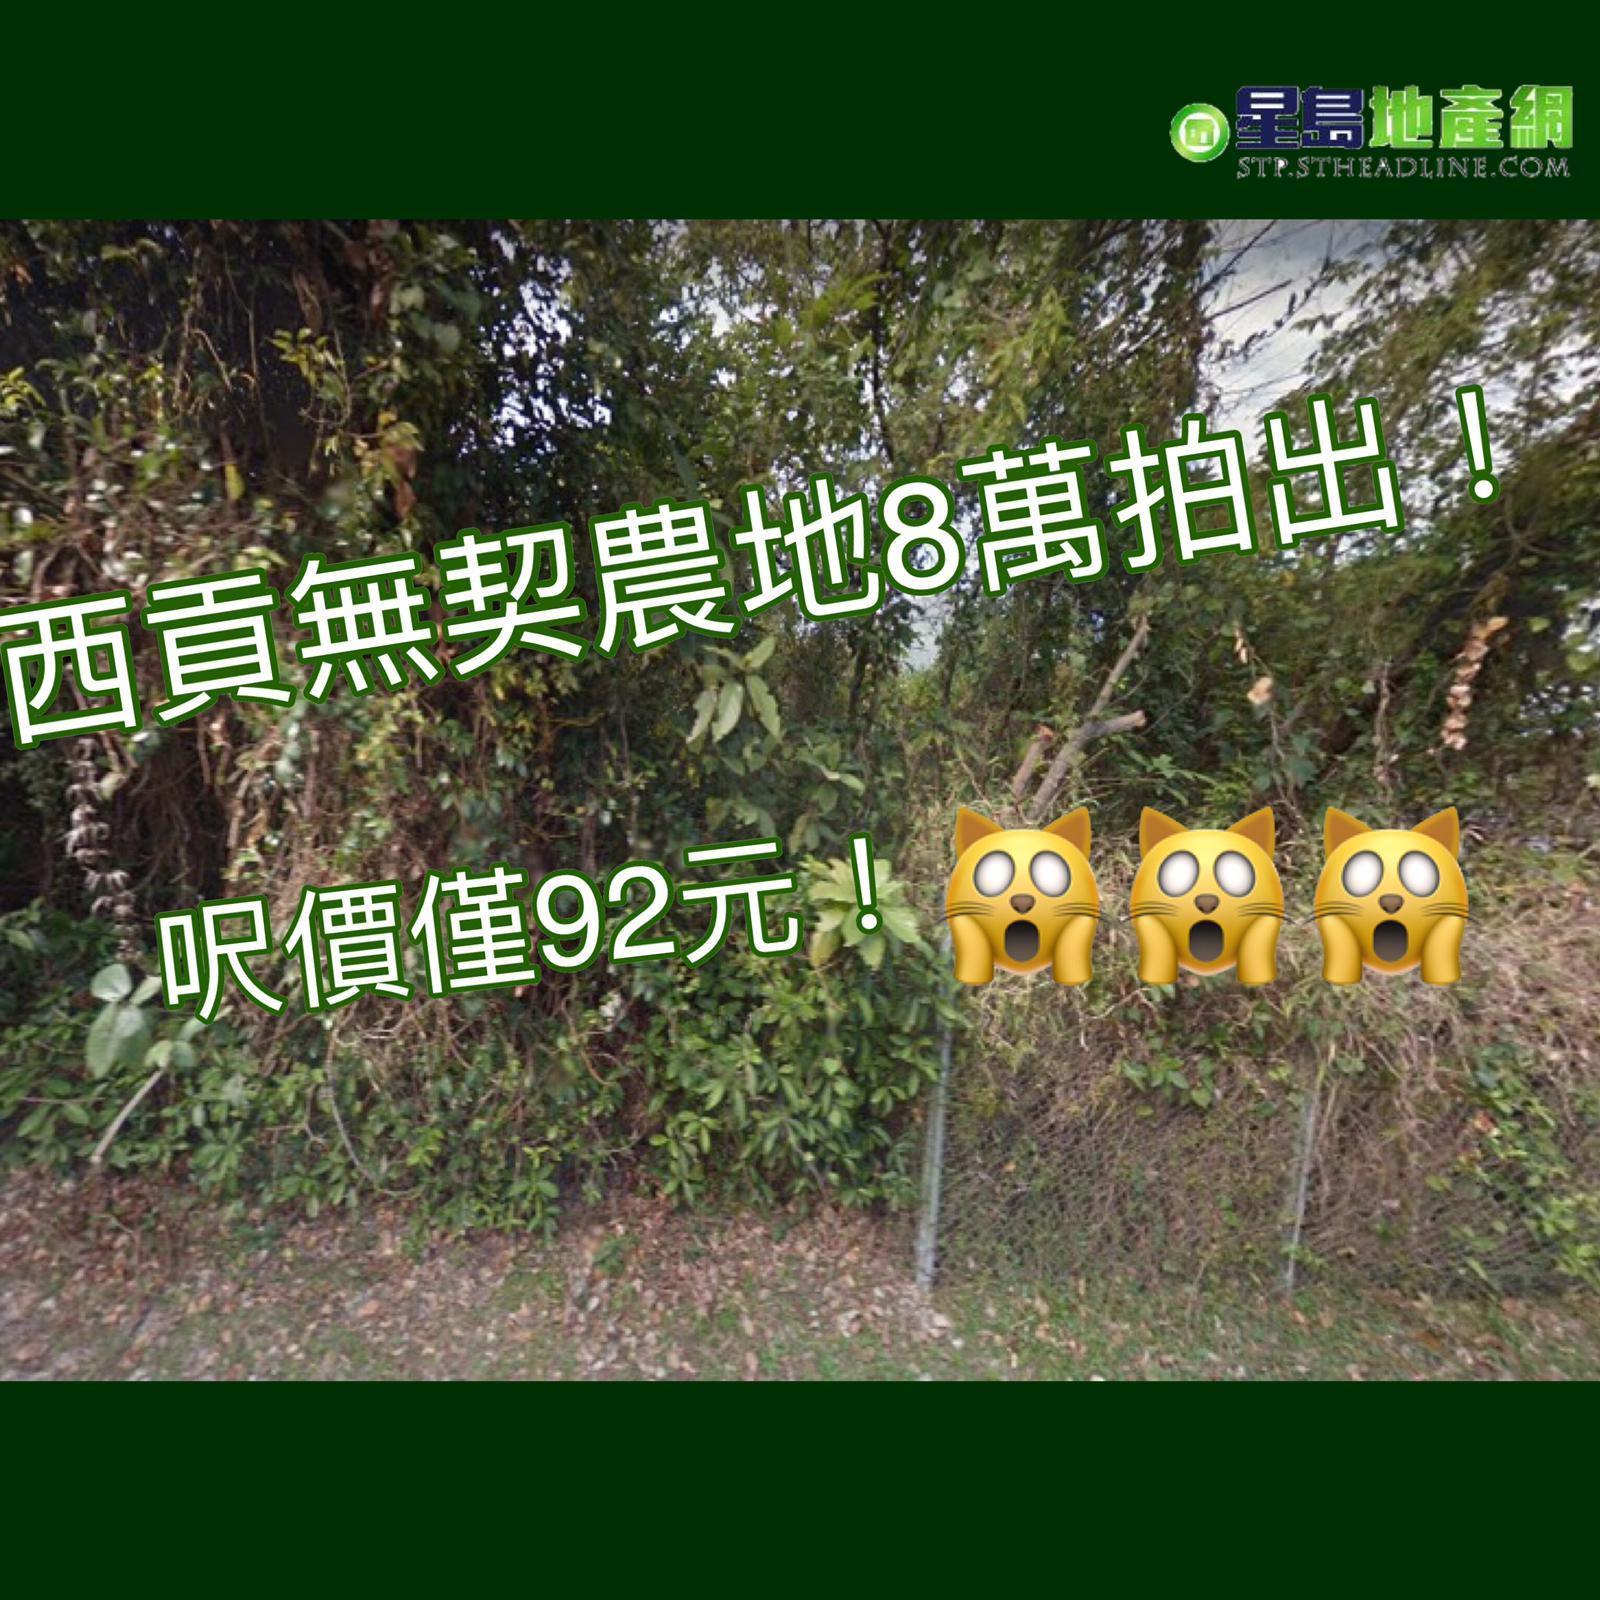 西貢兩幅無契農地8萬拍出